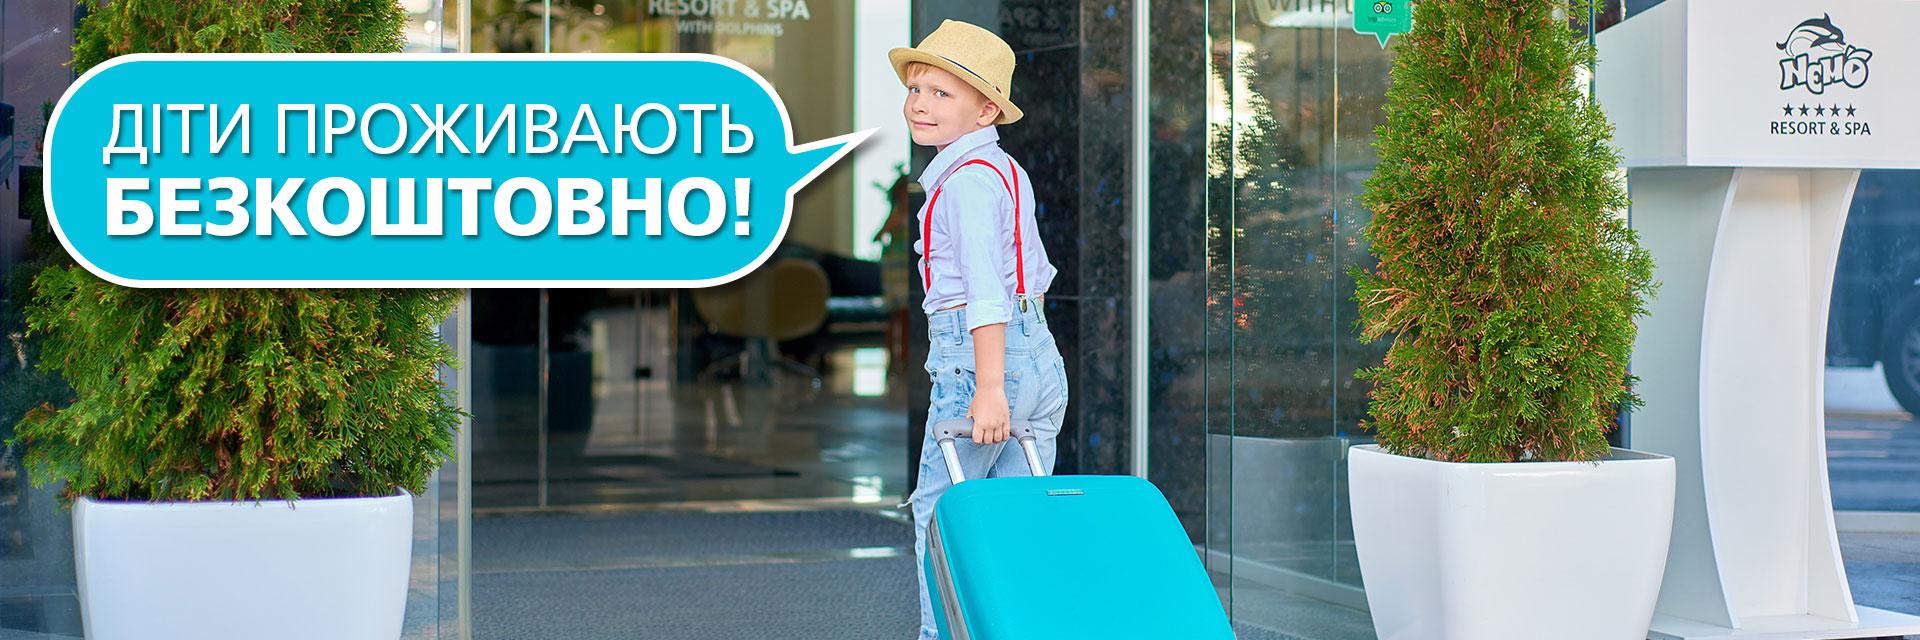 Діти проживають безкоштовно в RESORT & SPA HOTEL NEMO, фото № 1